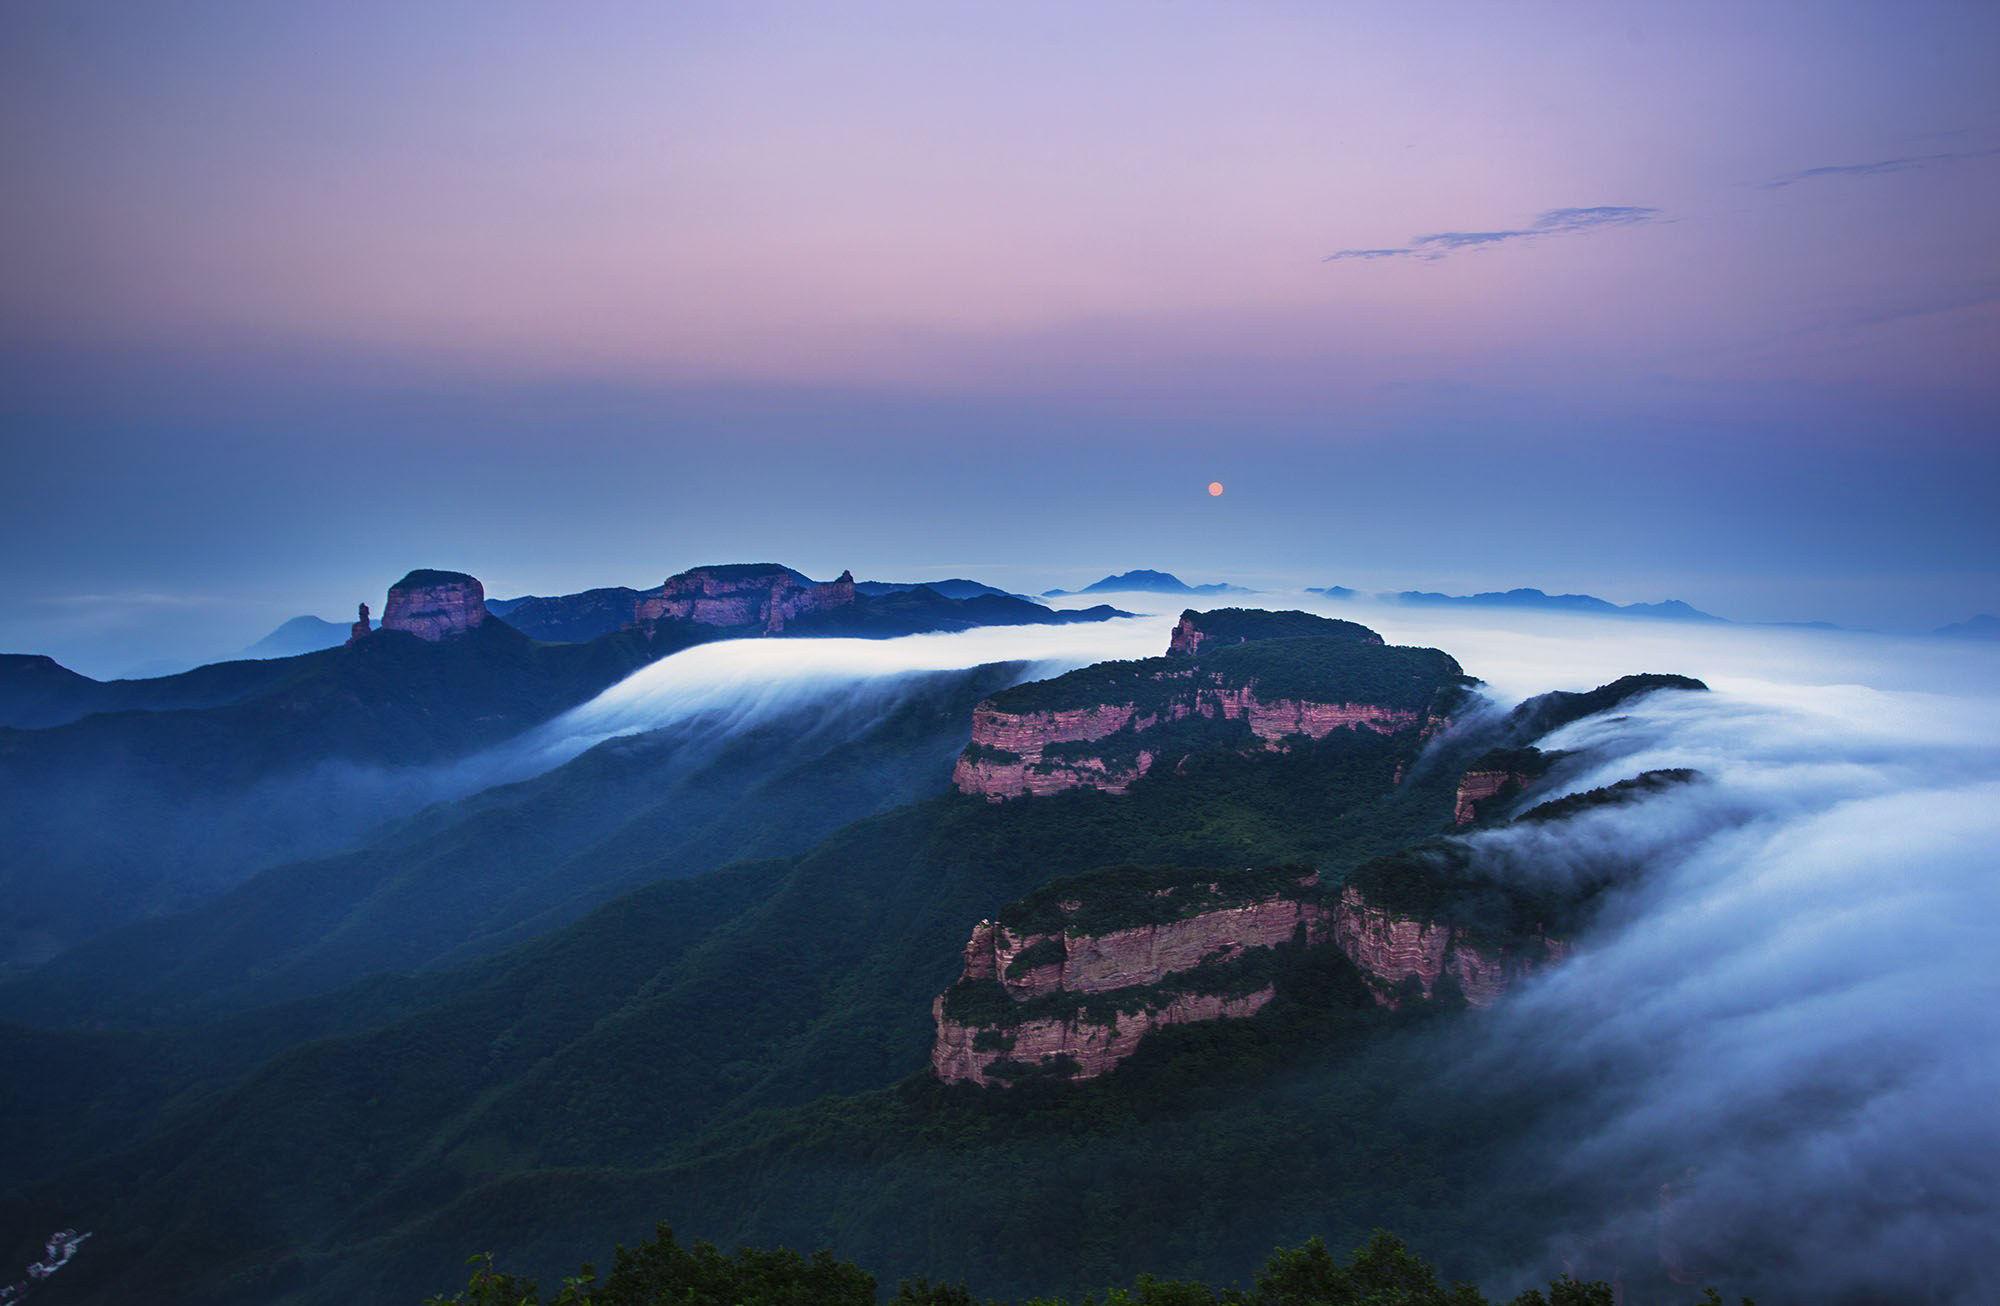 嶂石岩风景区是石家庄最主要的景点之一,这里的面积一共有一百多平方